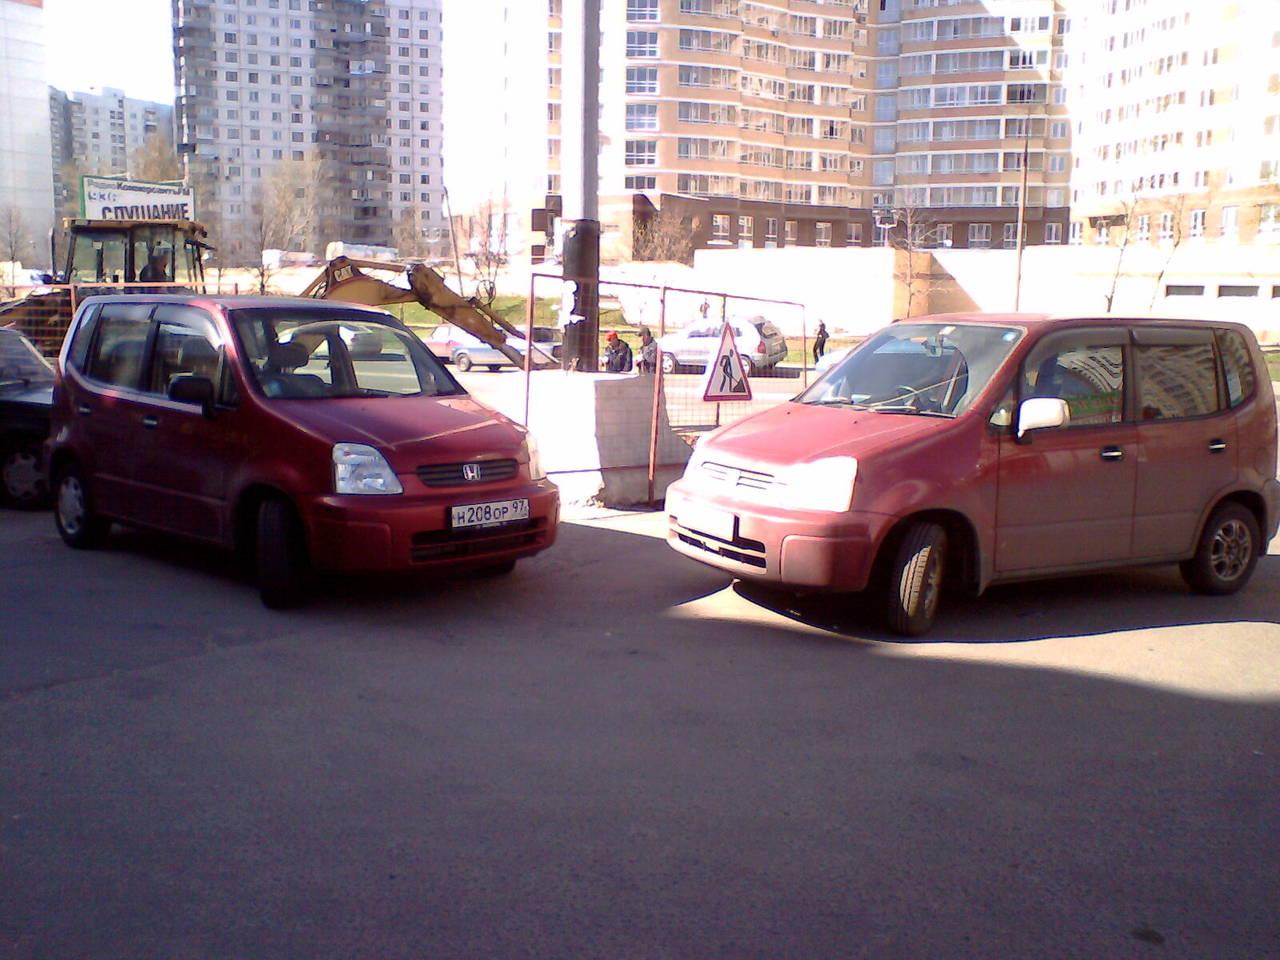 Купить Мицубиси, продажа mitsubishi в Минске - Продажа авто ...